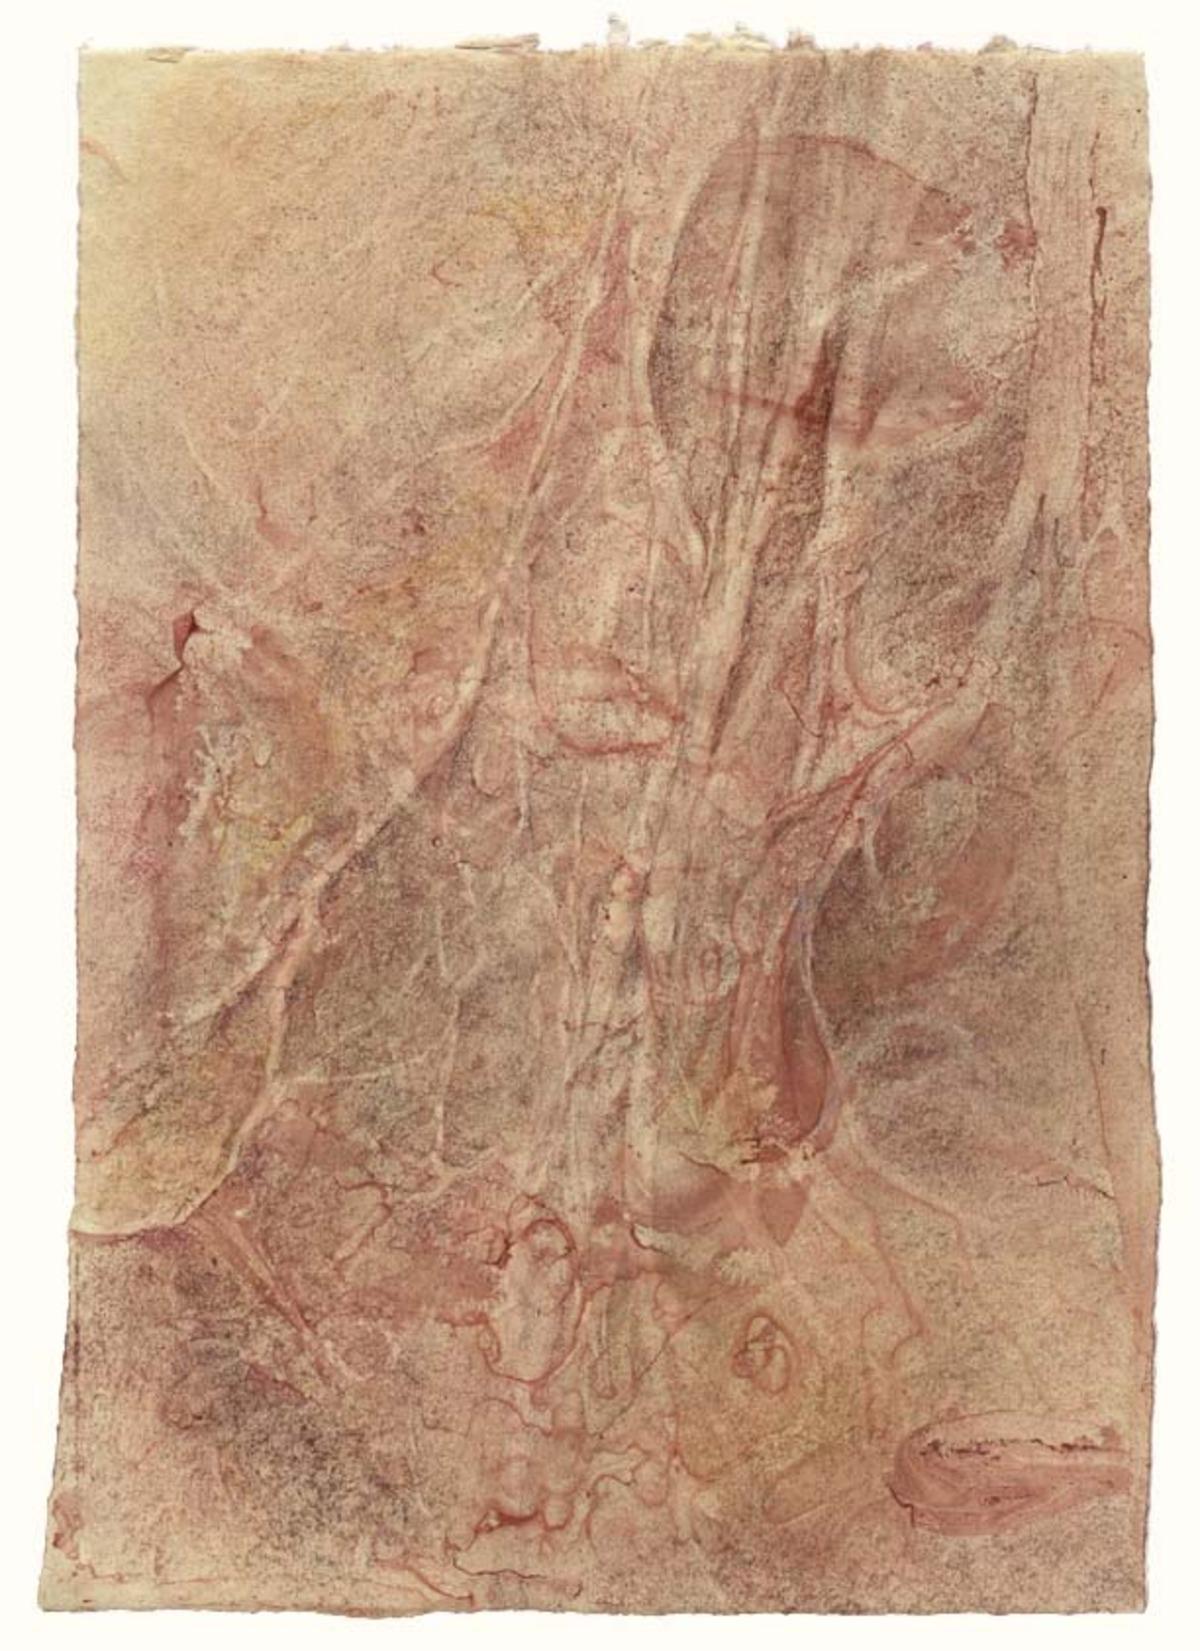 Spinal nerve landscape (#1), 11 x 7.75 in. $3,200